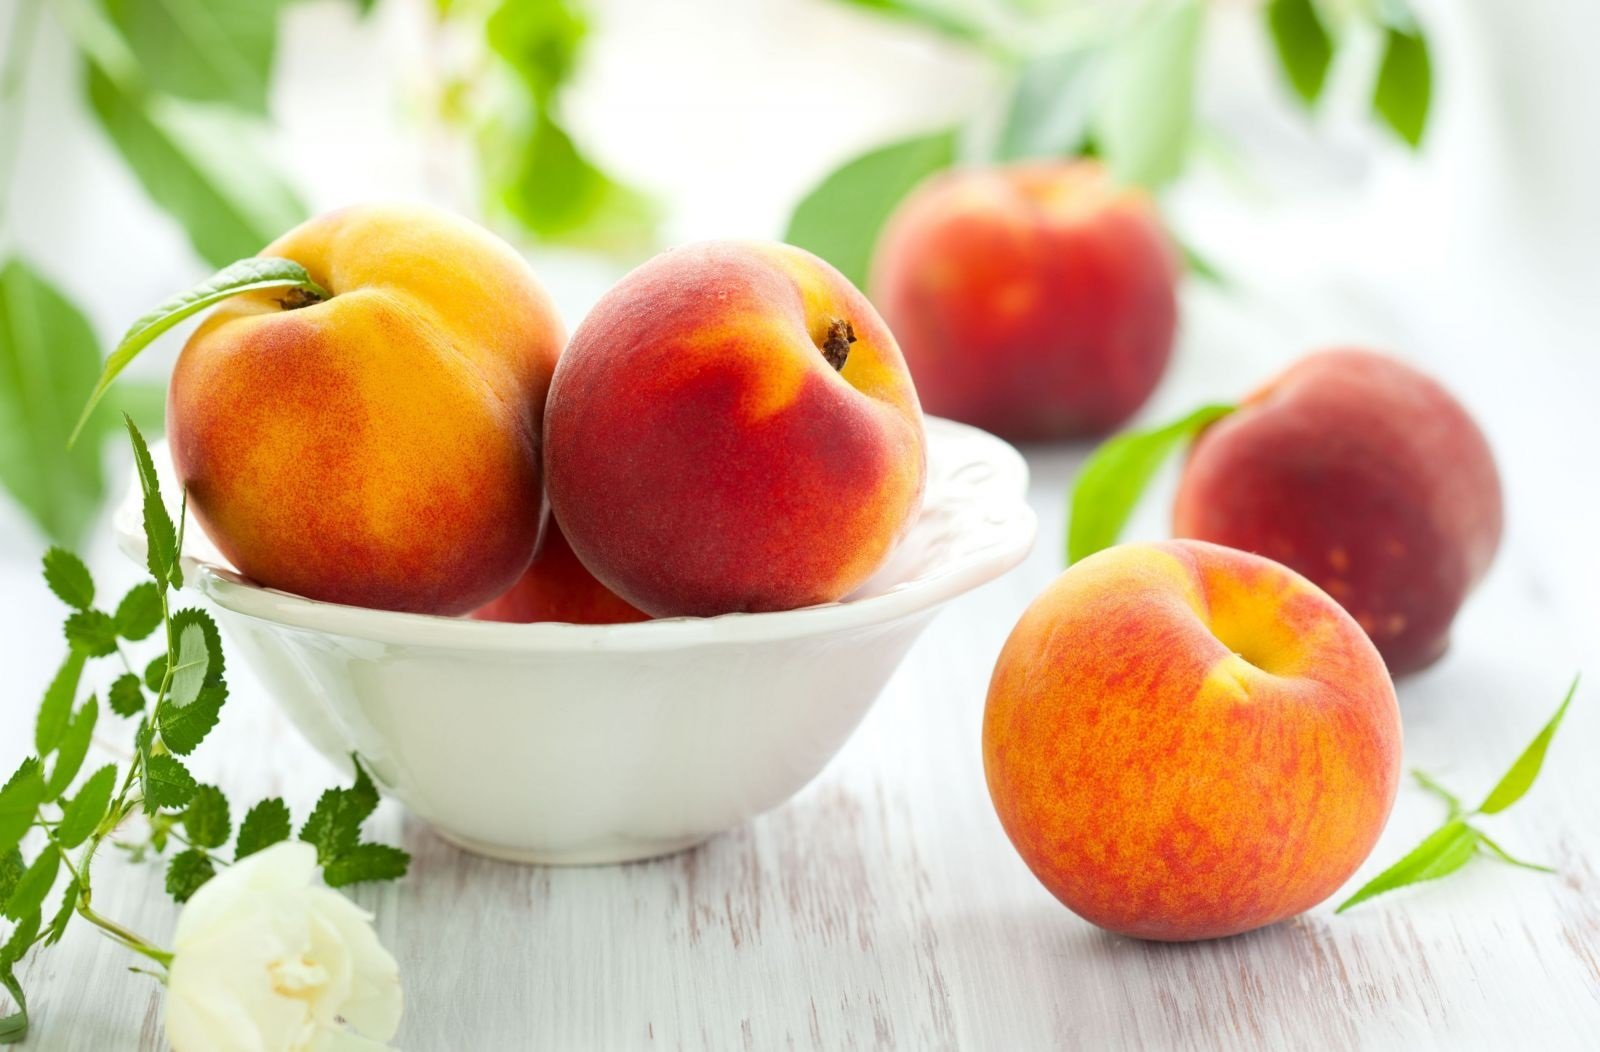 Как выбрать самые вкусные персики: фрукты делят на «мальчиков» и «девочек» по внешним признакам - today.ua